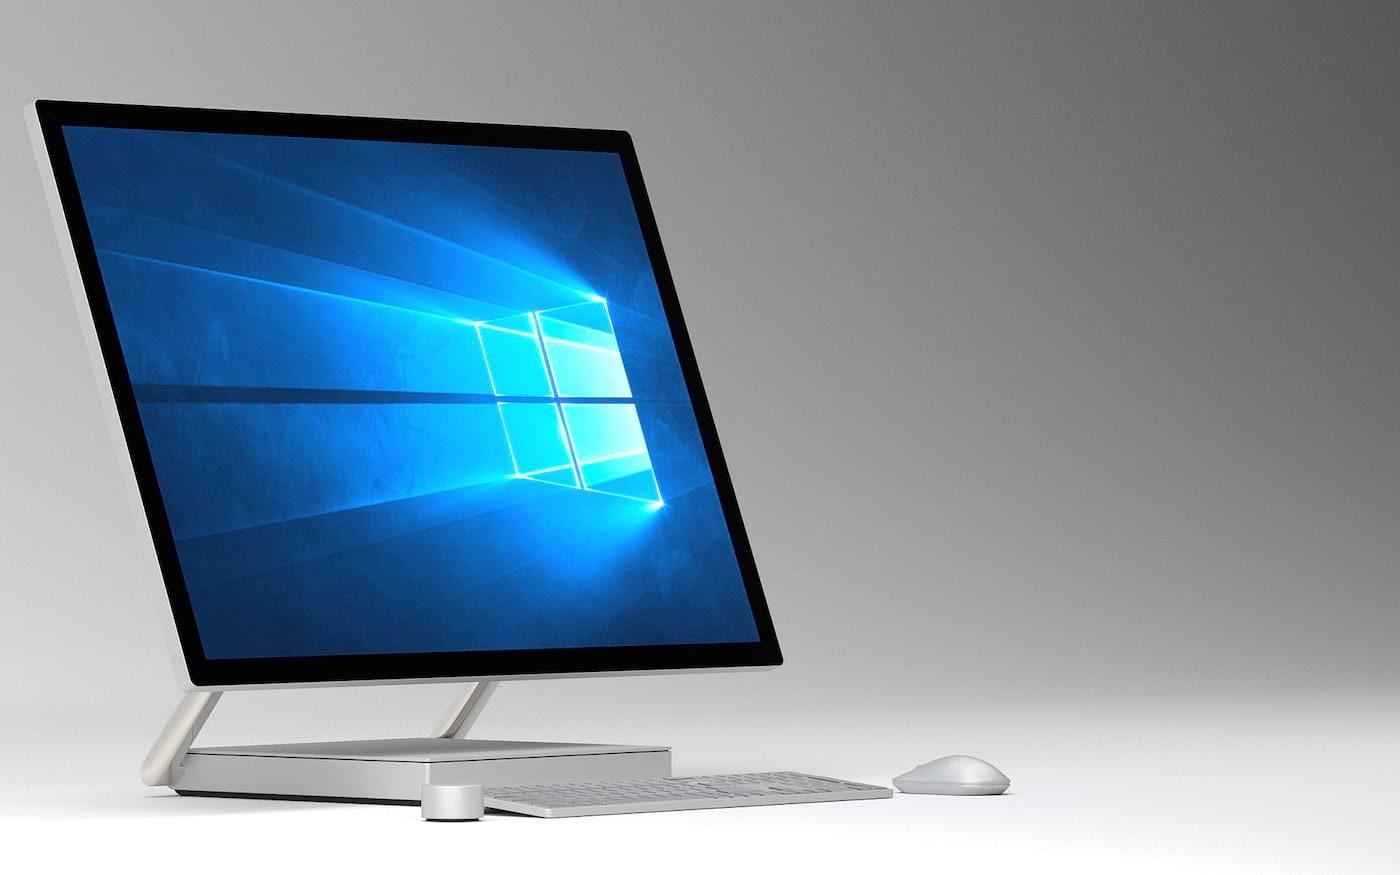 Windows - Imagem: Divulgação